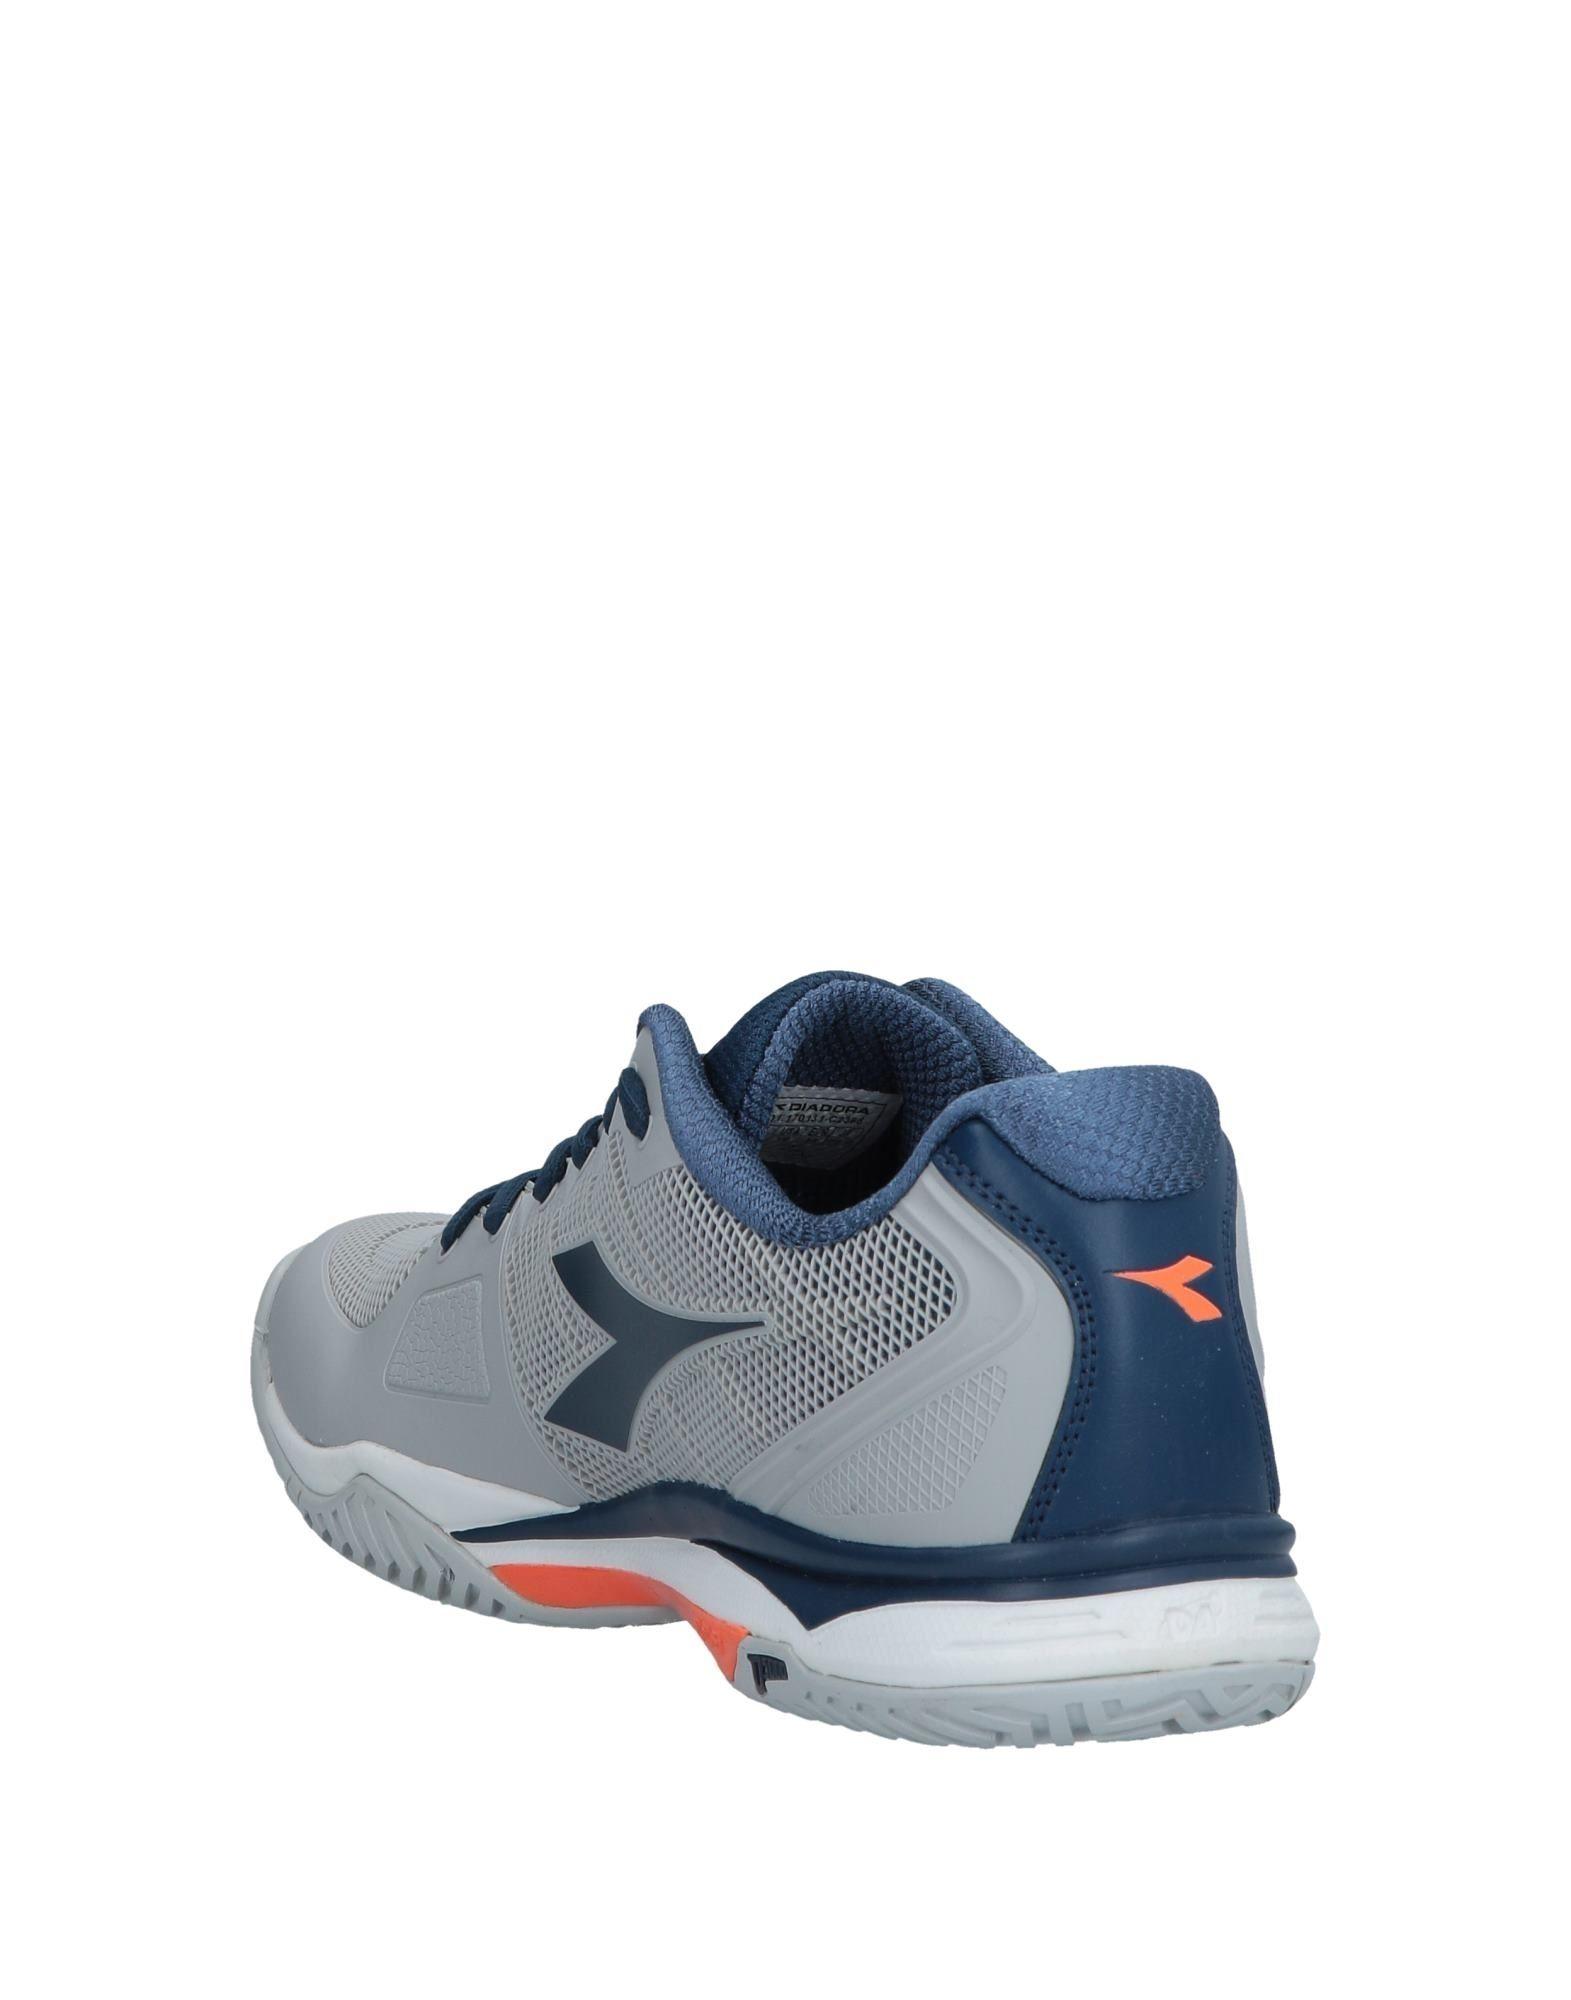 Diadora Sneakers - Men Diadora Sneakers online on  Australia Australia Australia - 11570321XO c34102